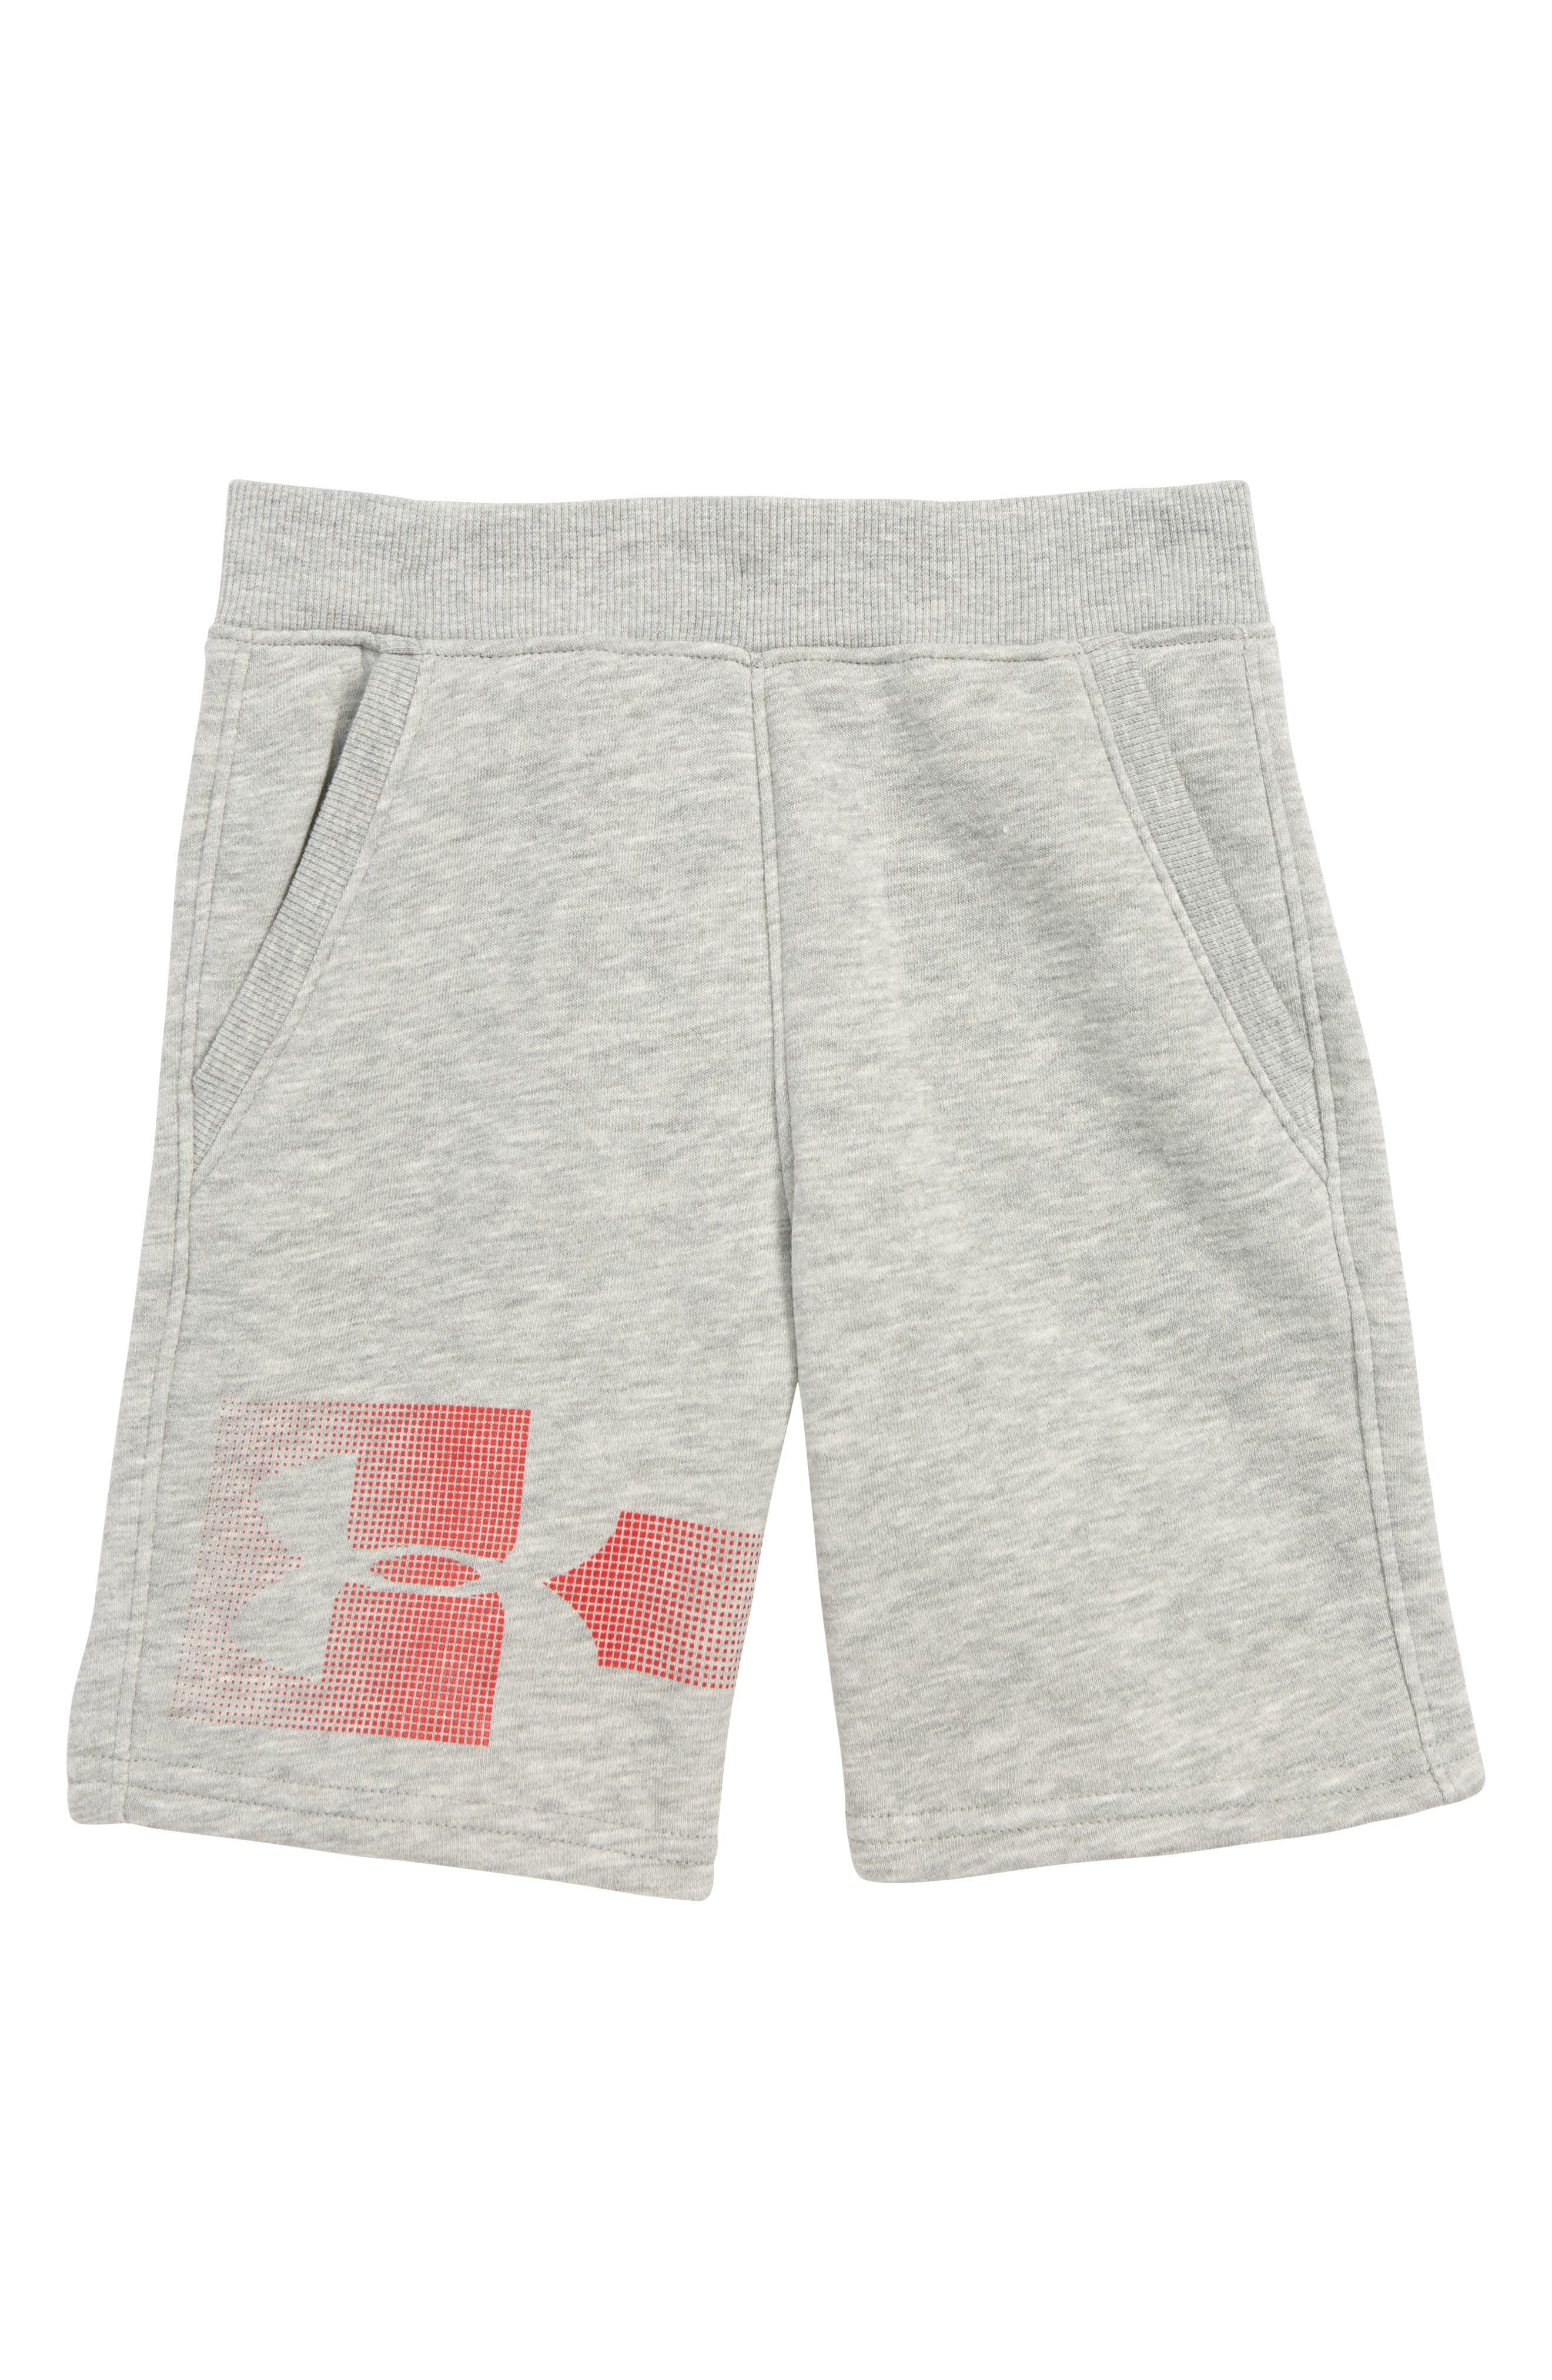 Rival HeatGear<sup>®</sup> Shorts,                         Main,                         color, GREY